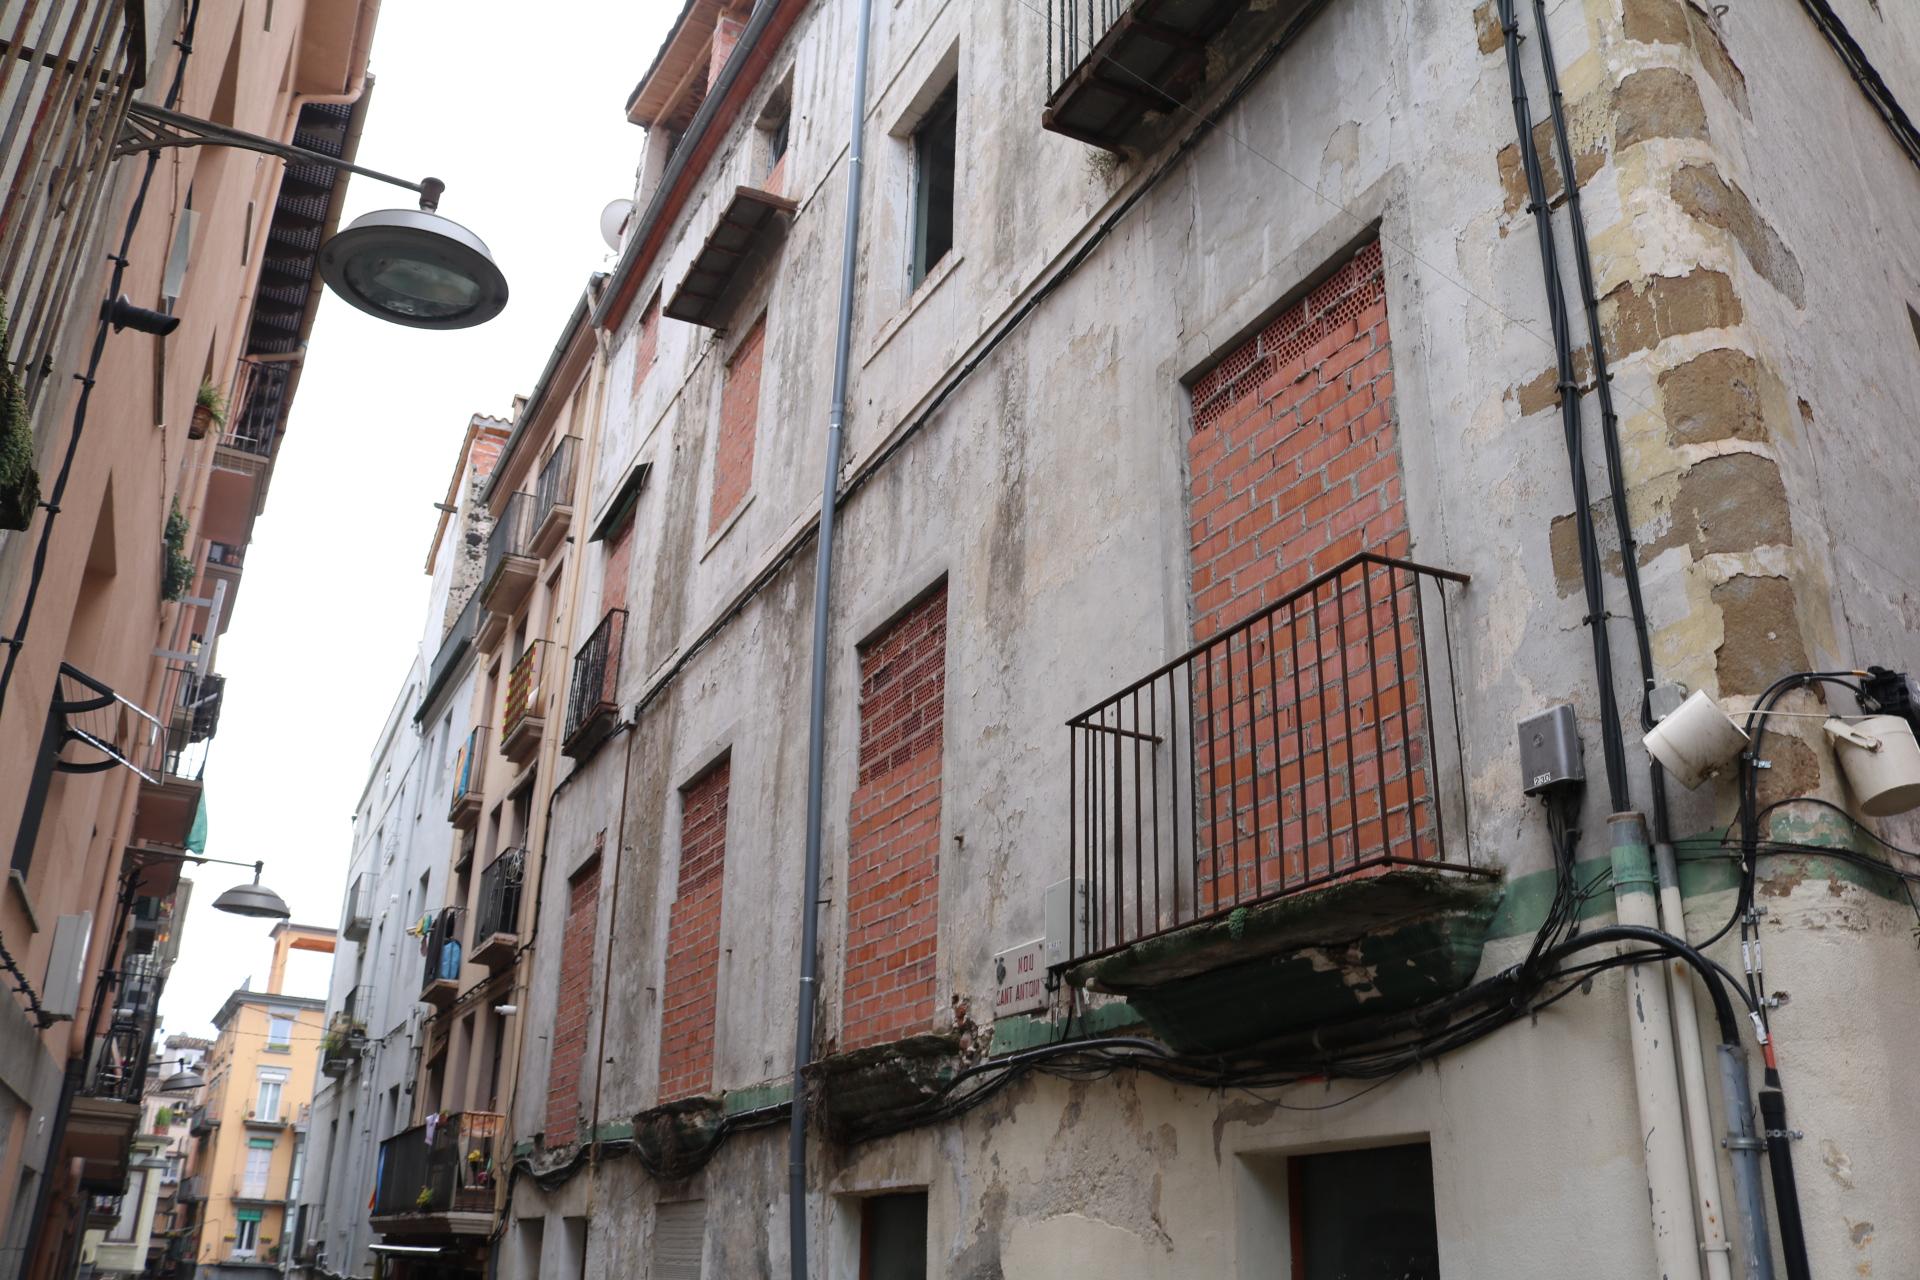 L'Ajuntament d'Olot planta cara als problemes del casc antic